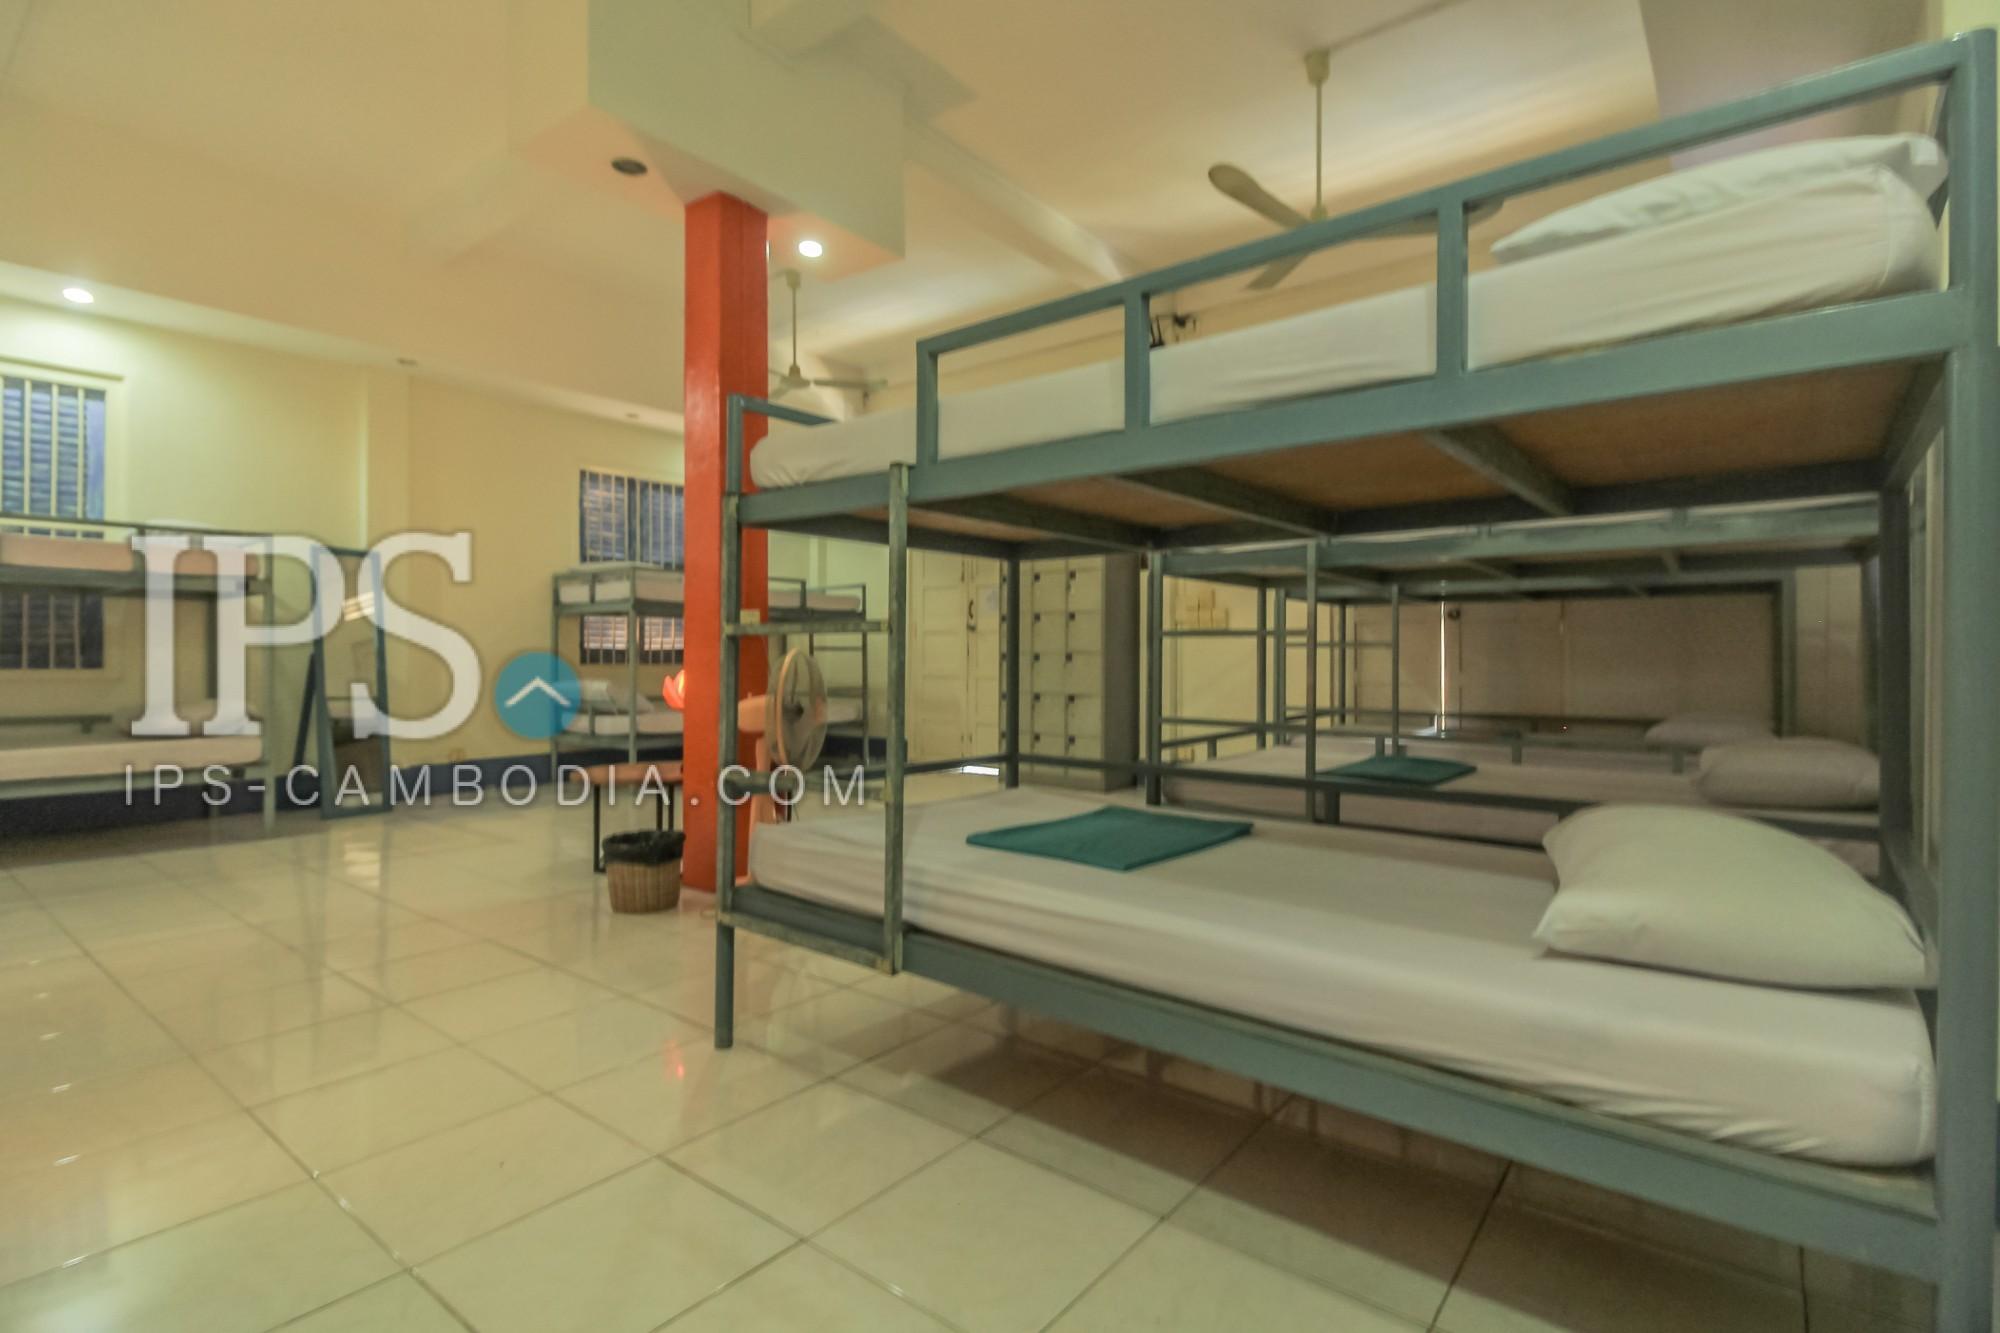 Hostel Business for Sale In Siem Reap